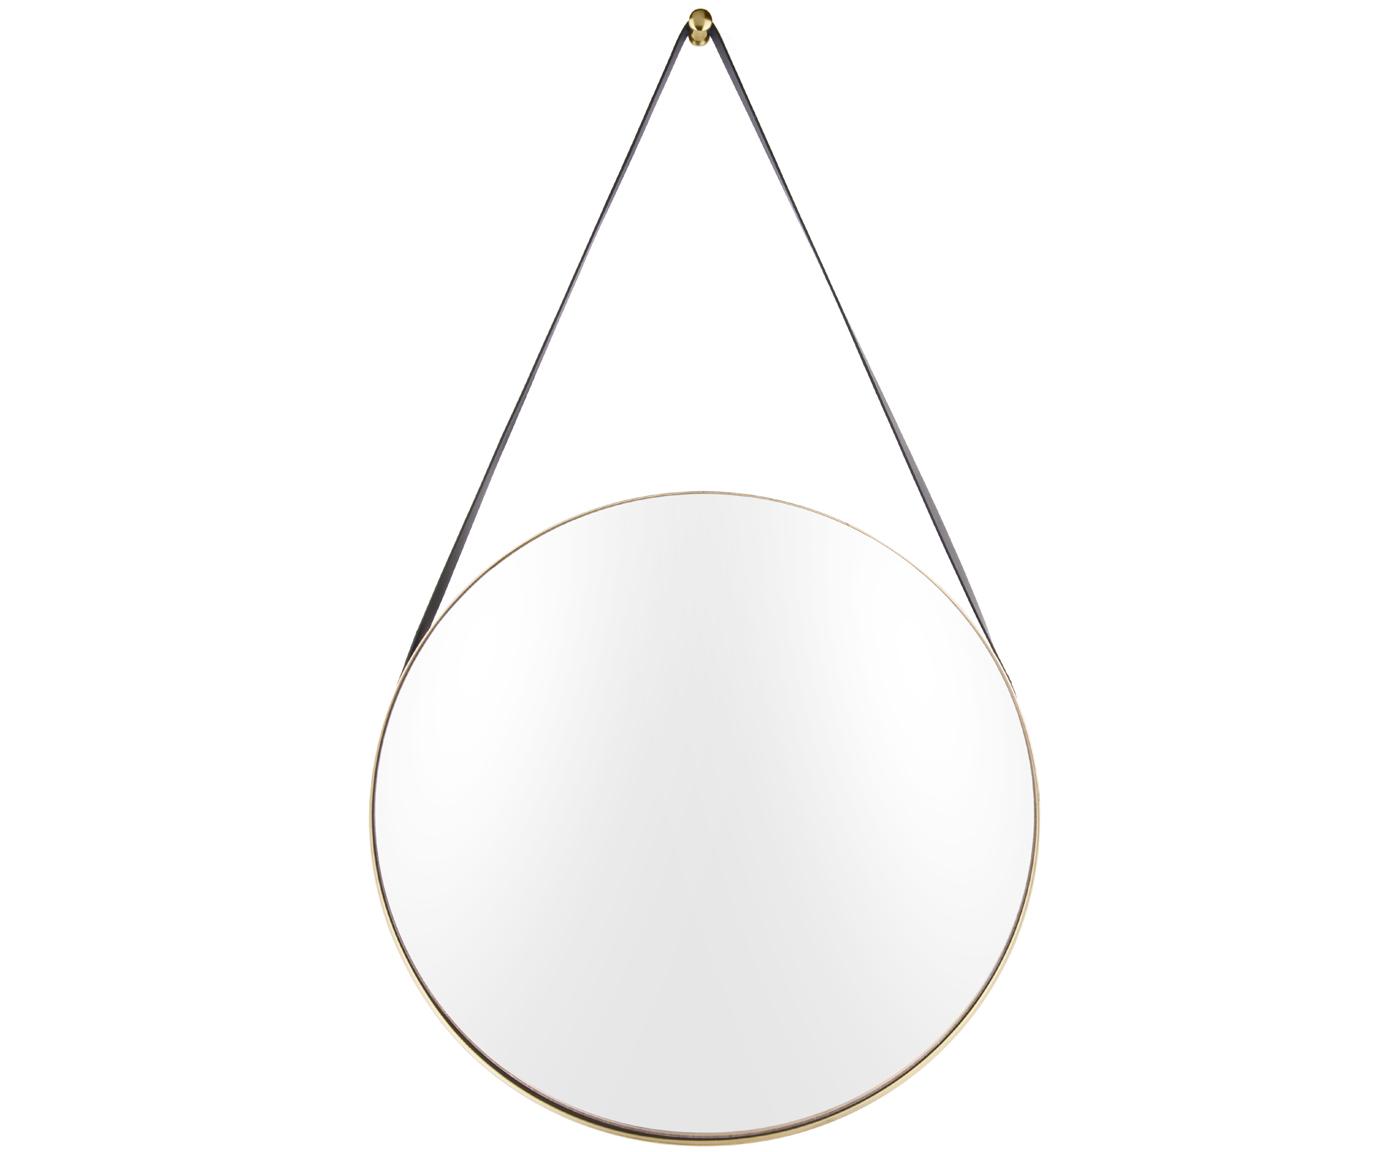 spiegel, runder spiegel, schminktisch, dekoration, deko, wohntrend, wohninspiration, wohnideen, interior, neutral bohemian, interiordesign, westwing